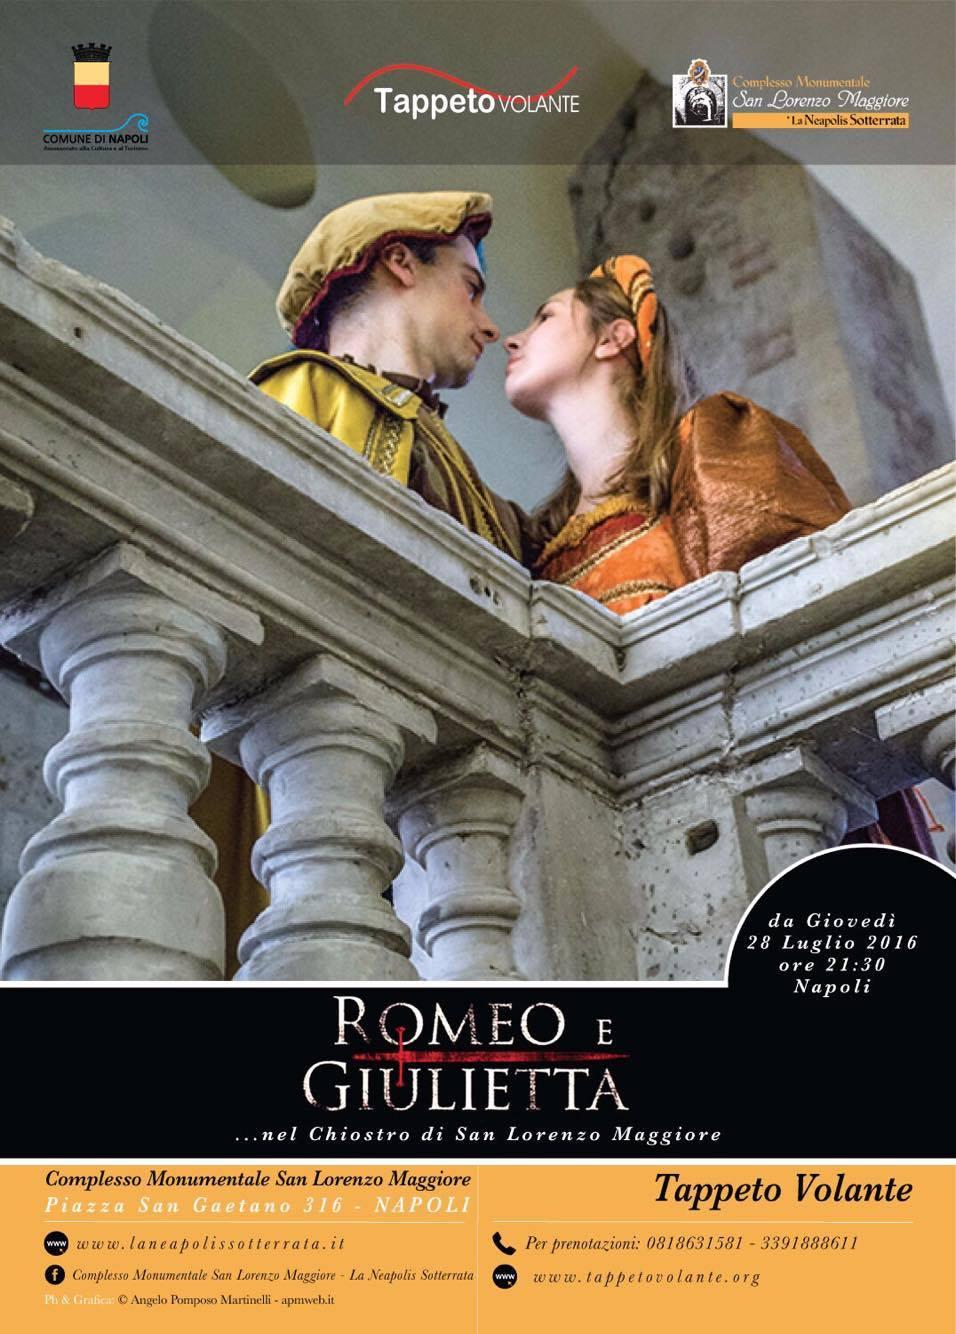 romeo e giulietta chiostro di san lorenzo maggiore